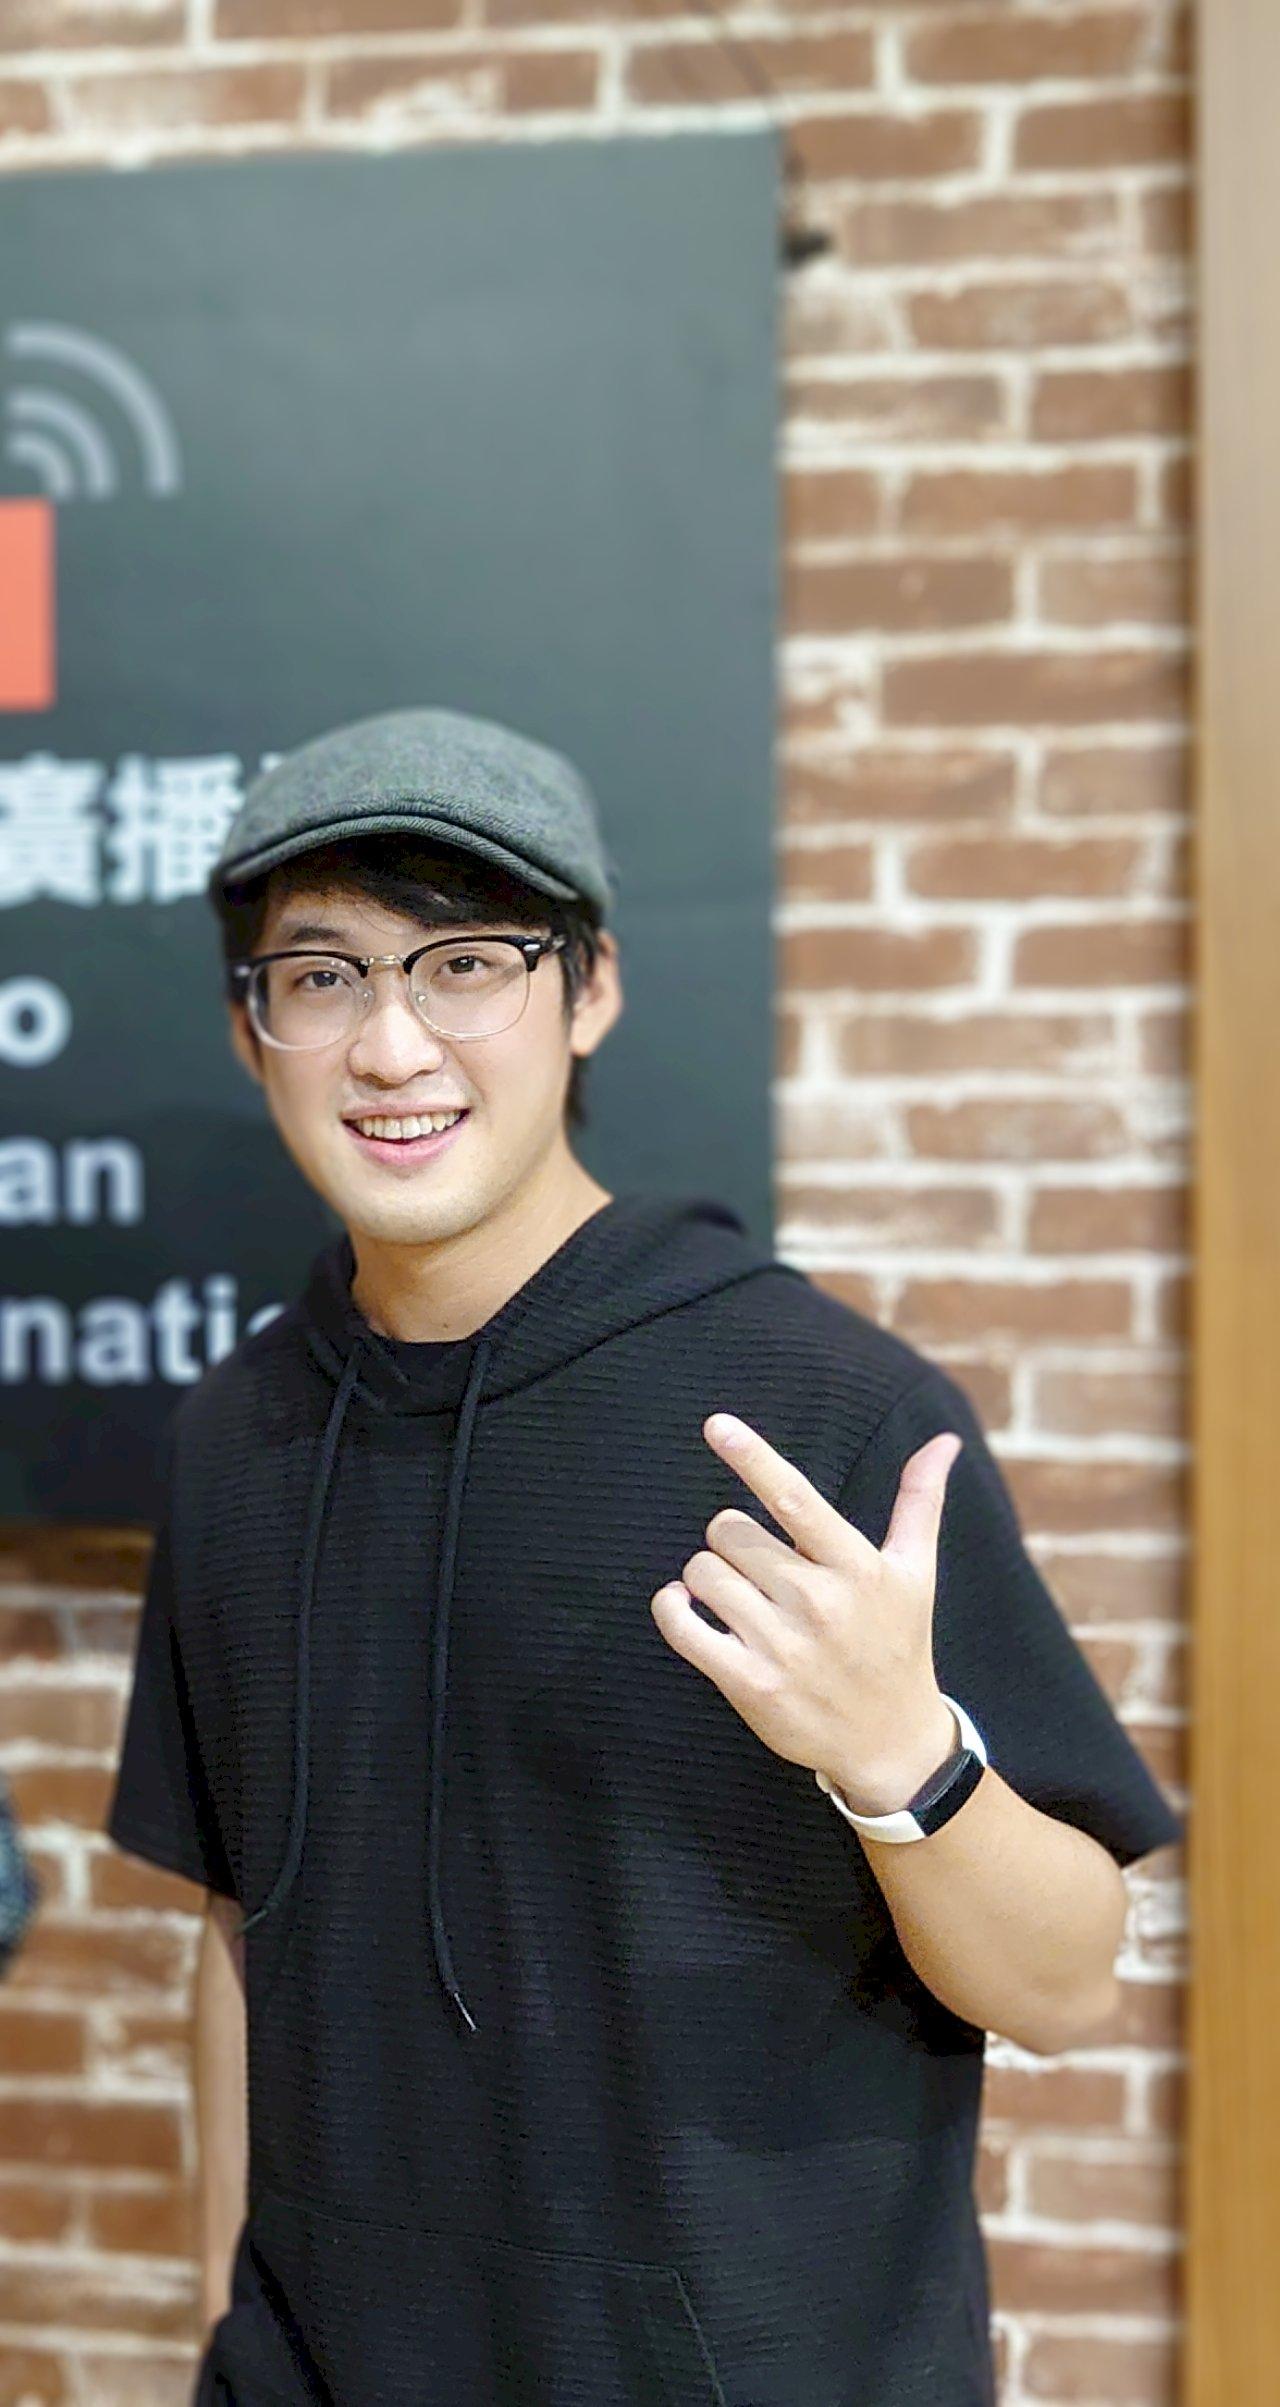 專訪Link音樂學校創辦人年僅26歲的Link林沛儒